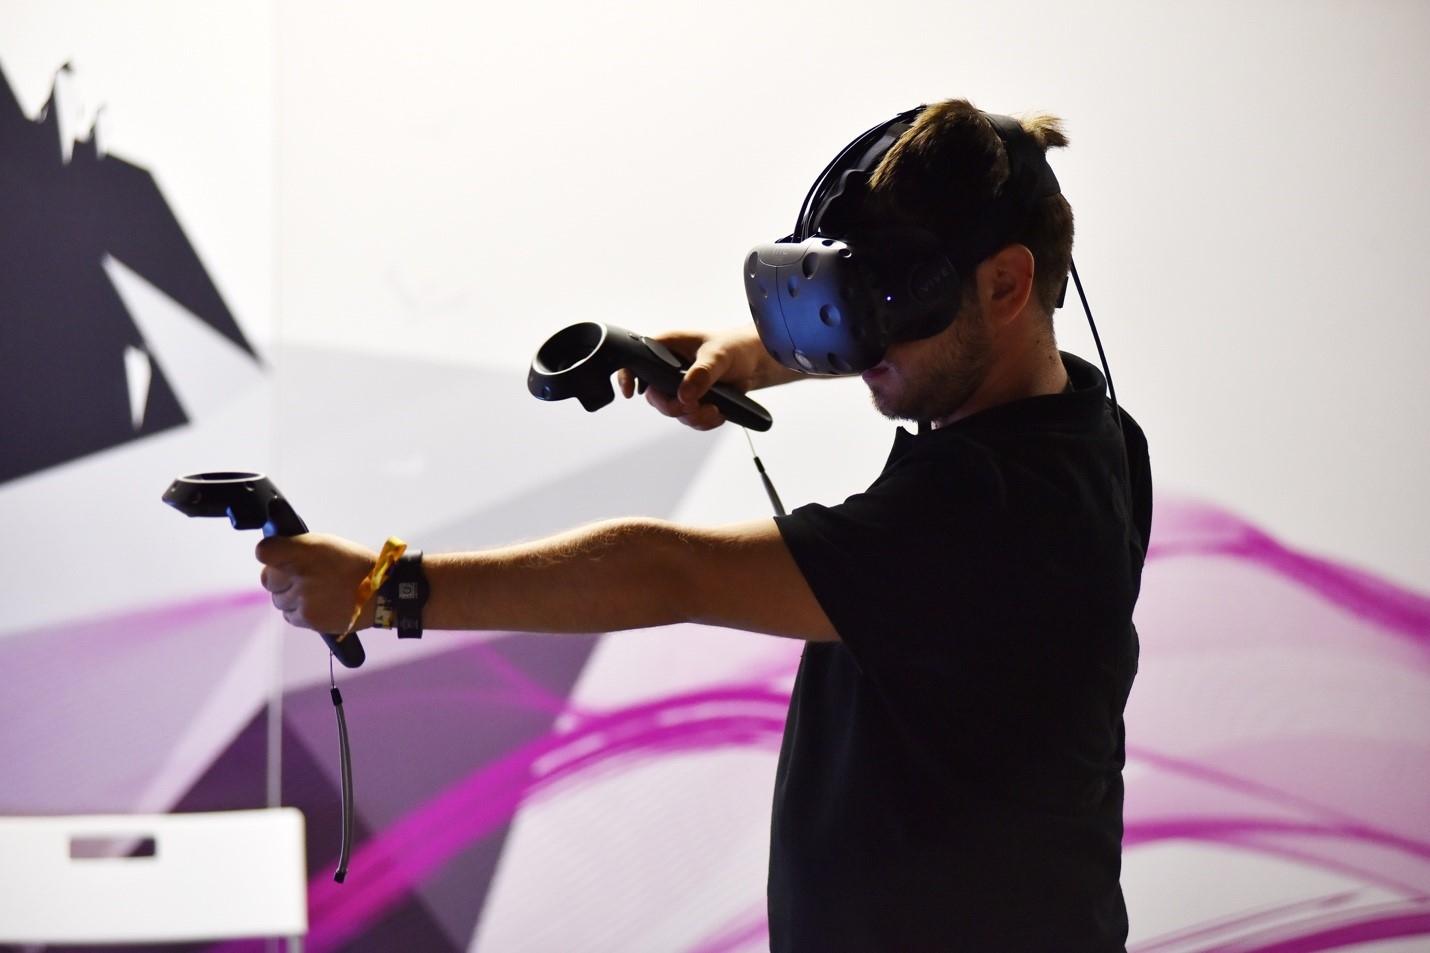 Blog - Virtual Reality